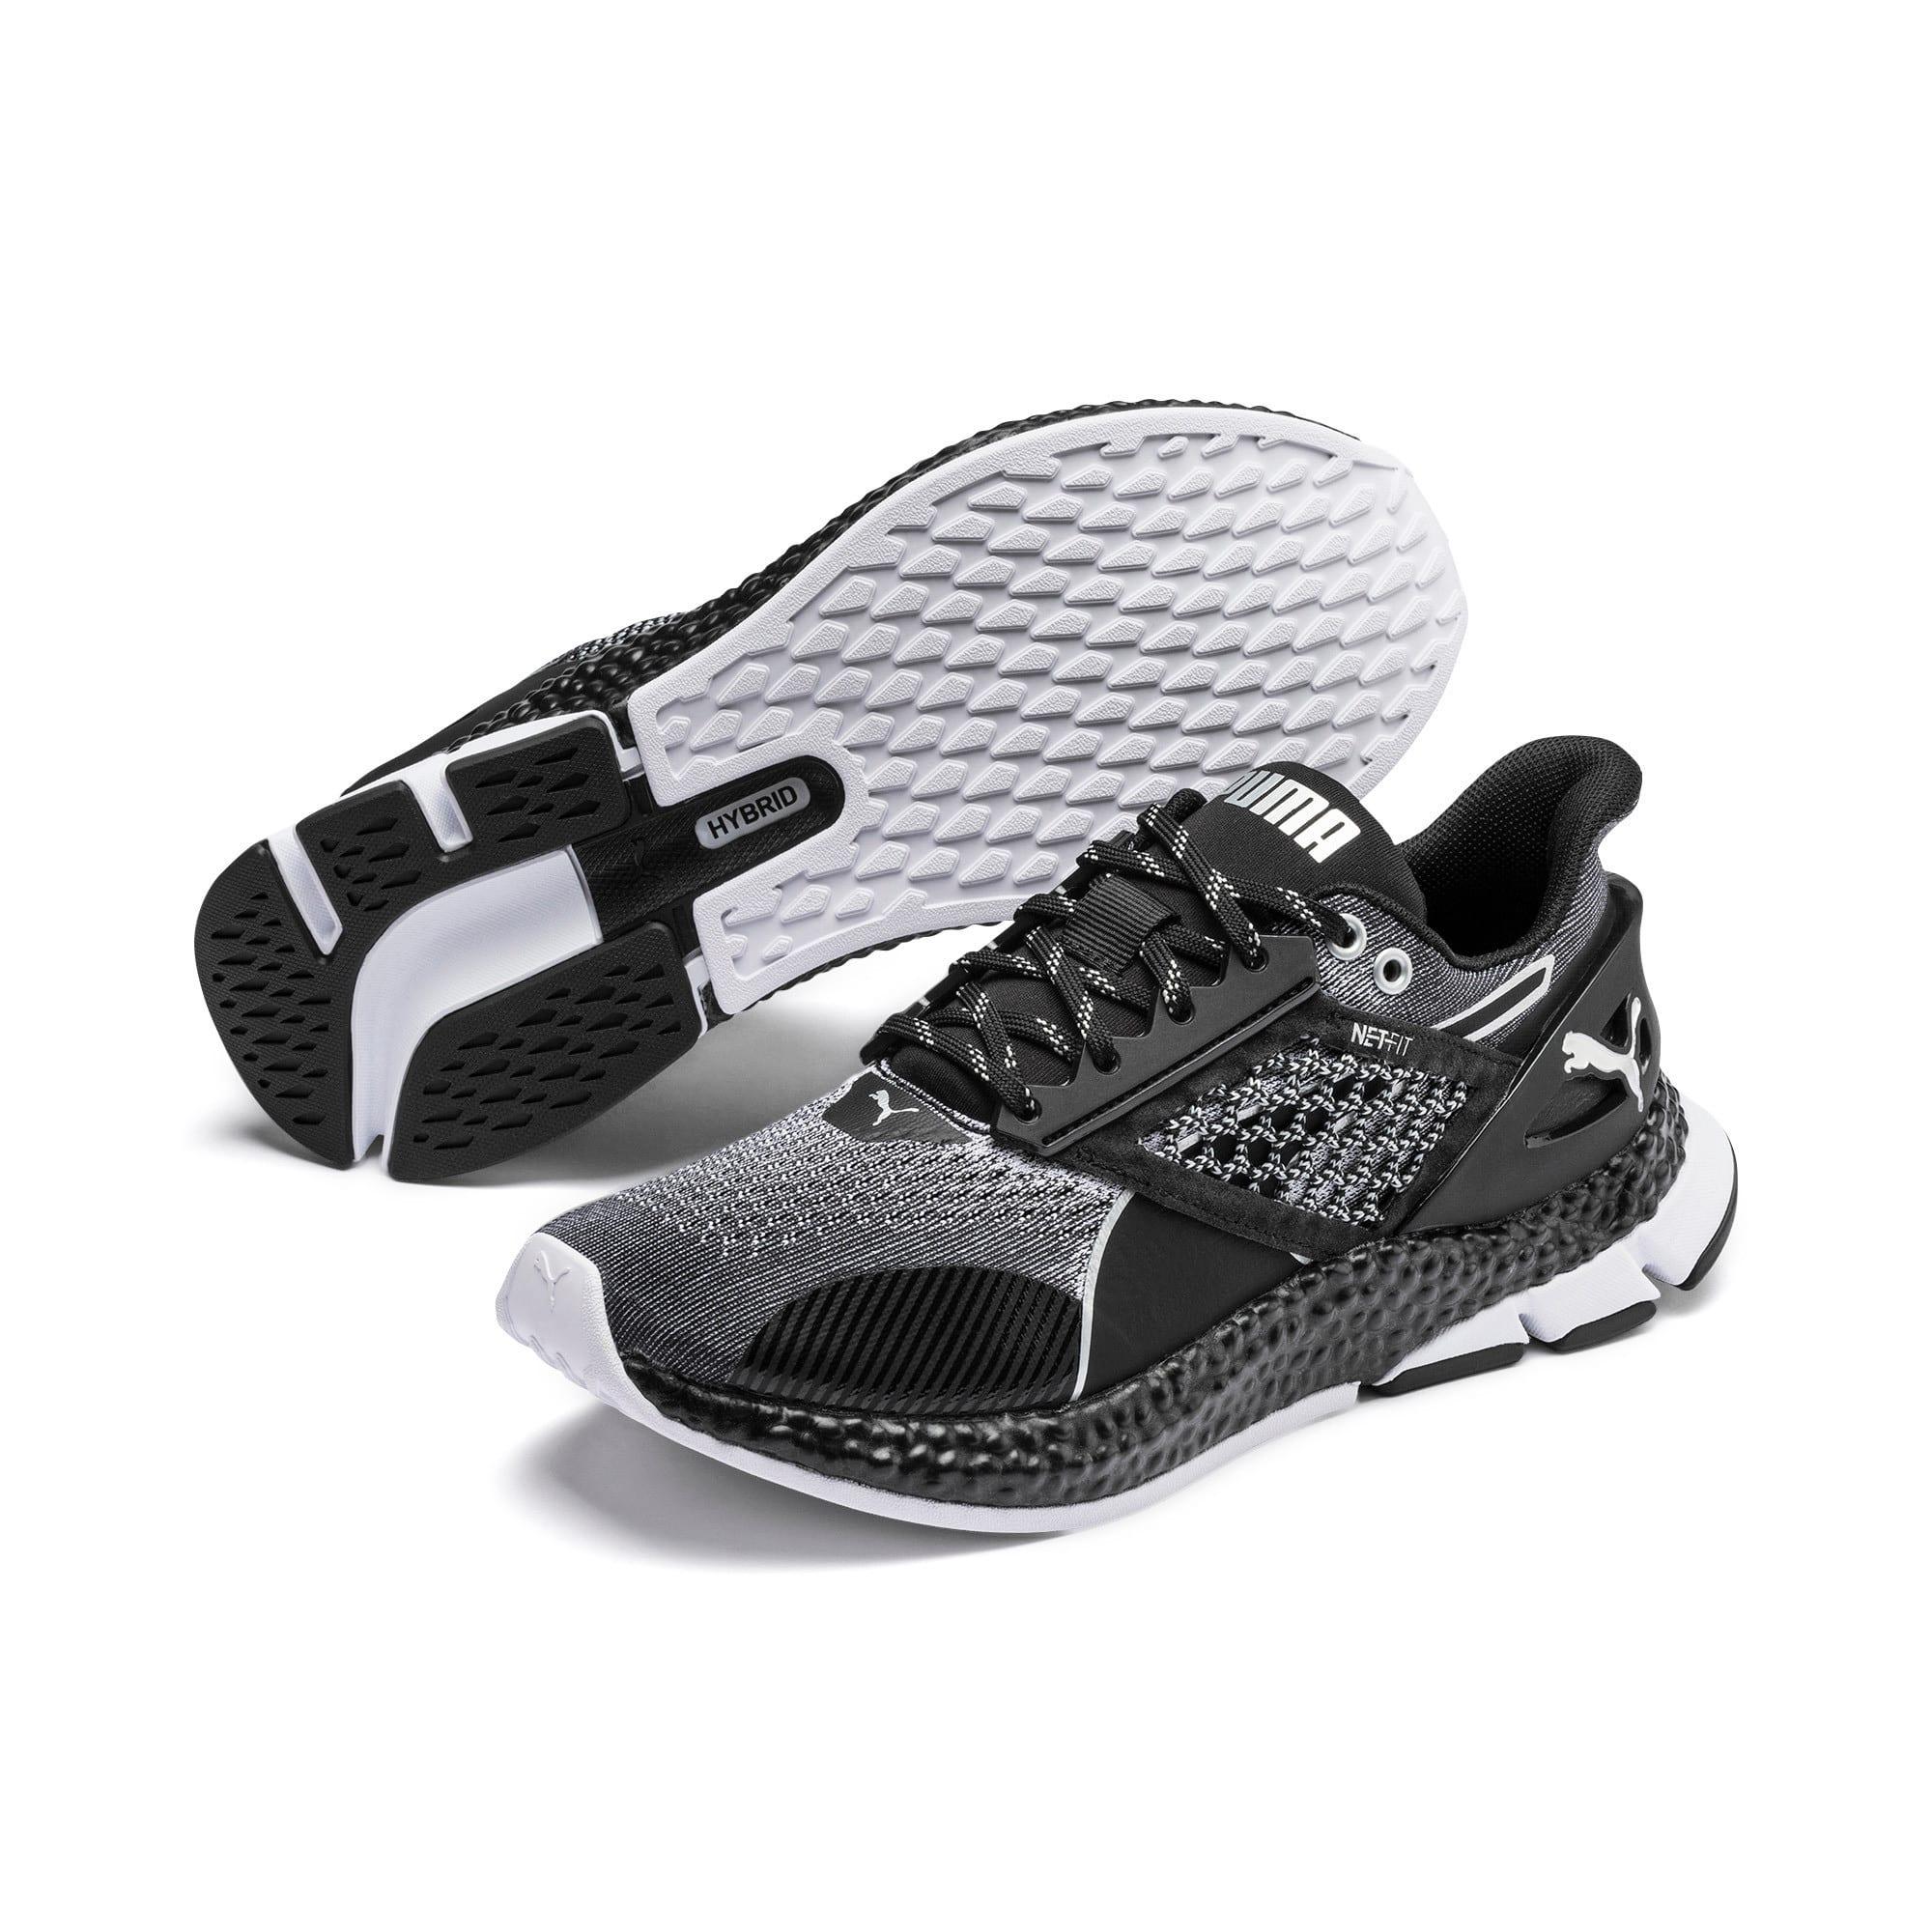 HYBRID NETFIT Astro hardloopschoenen voor dames